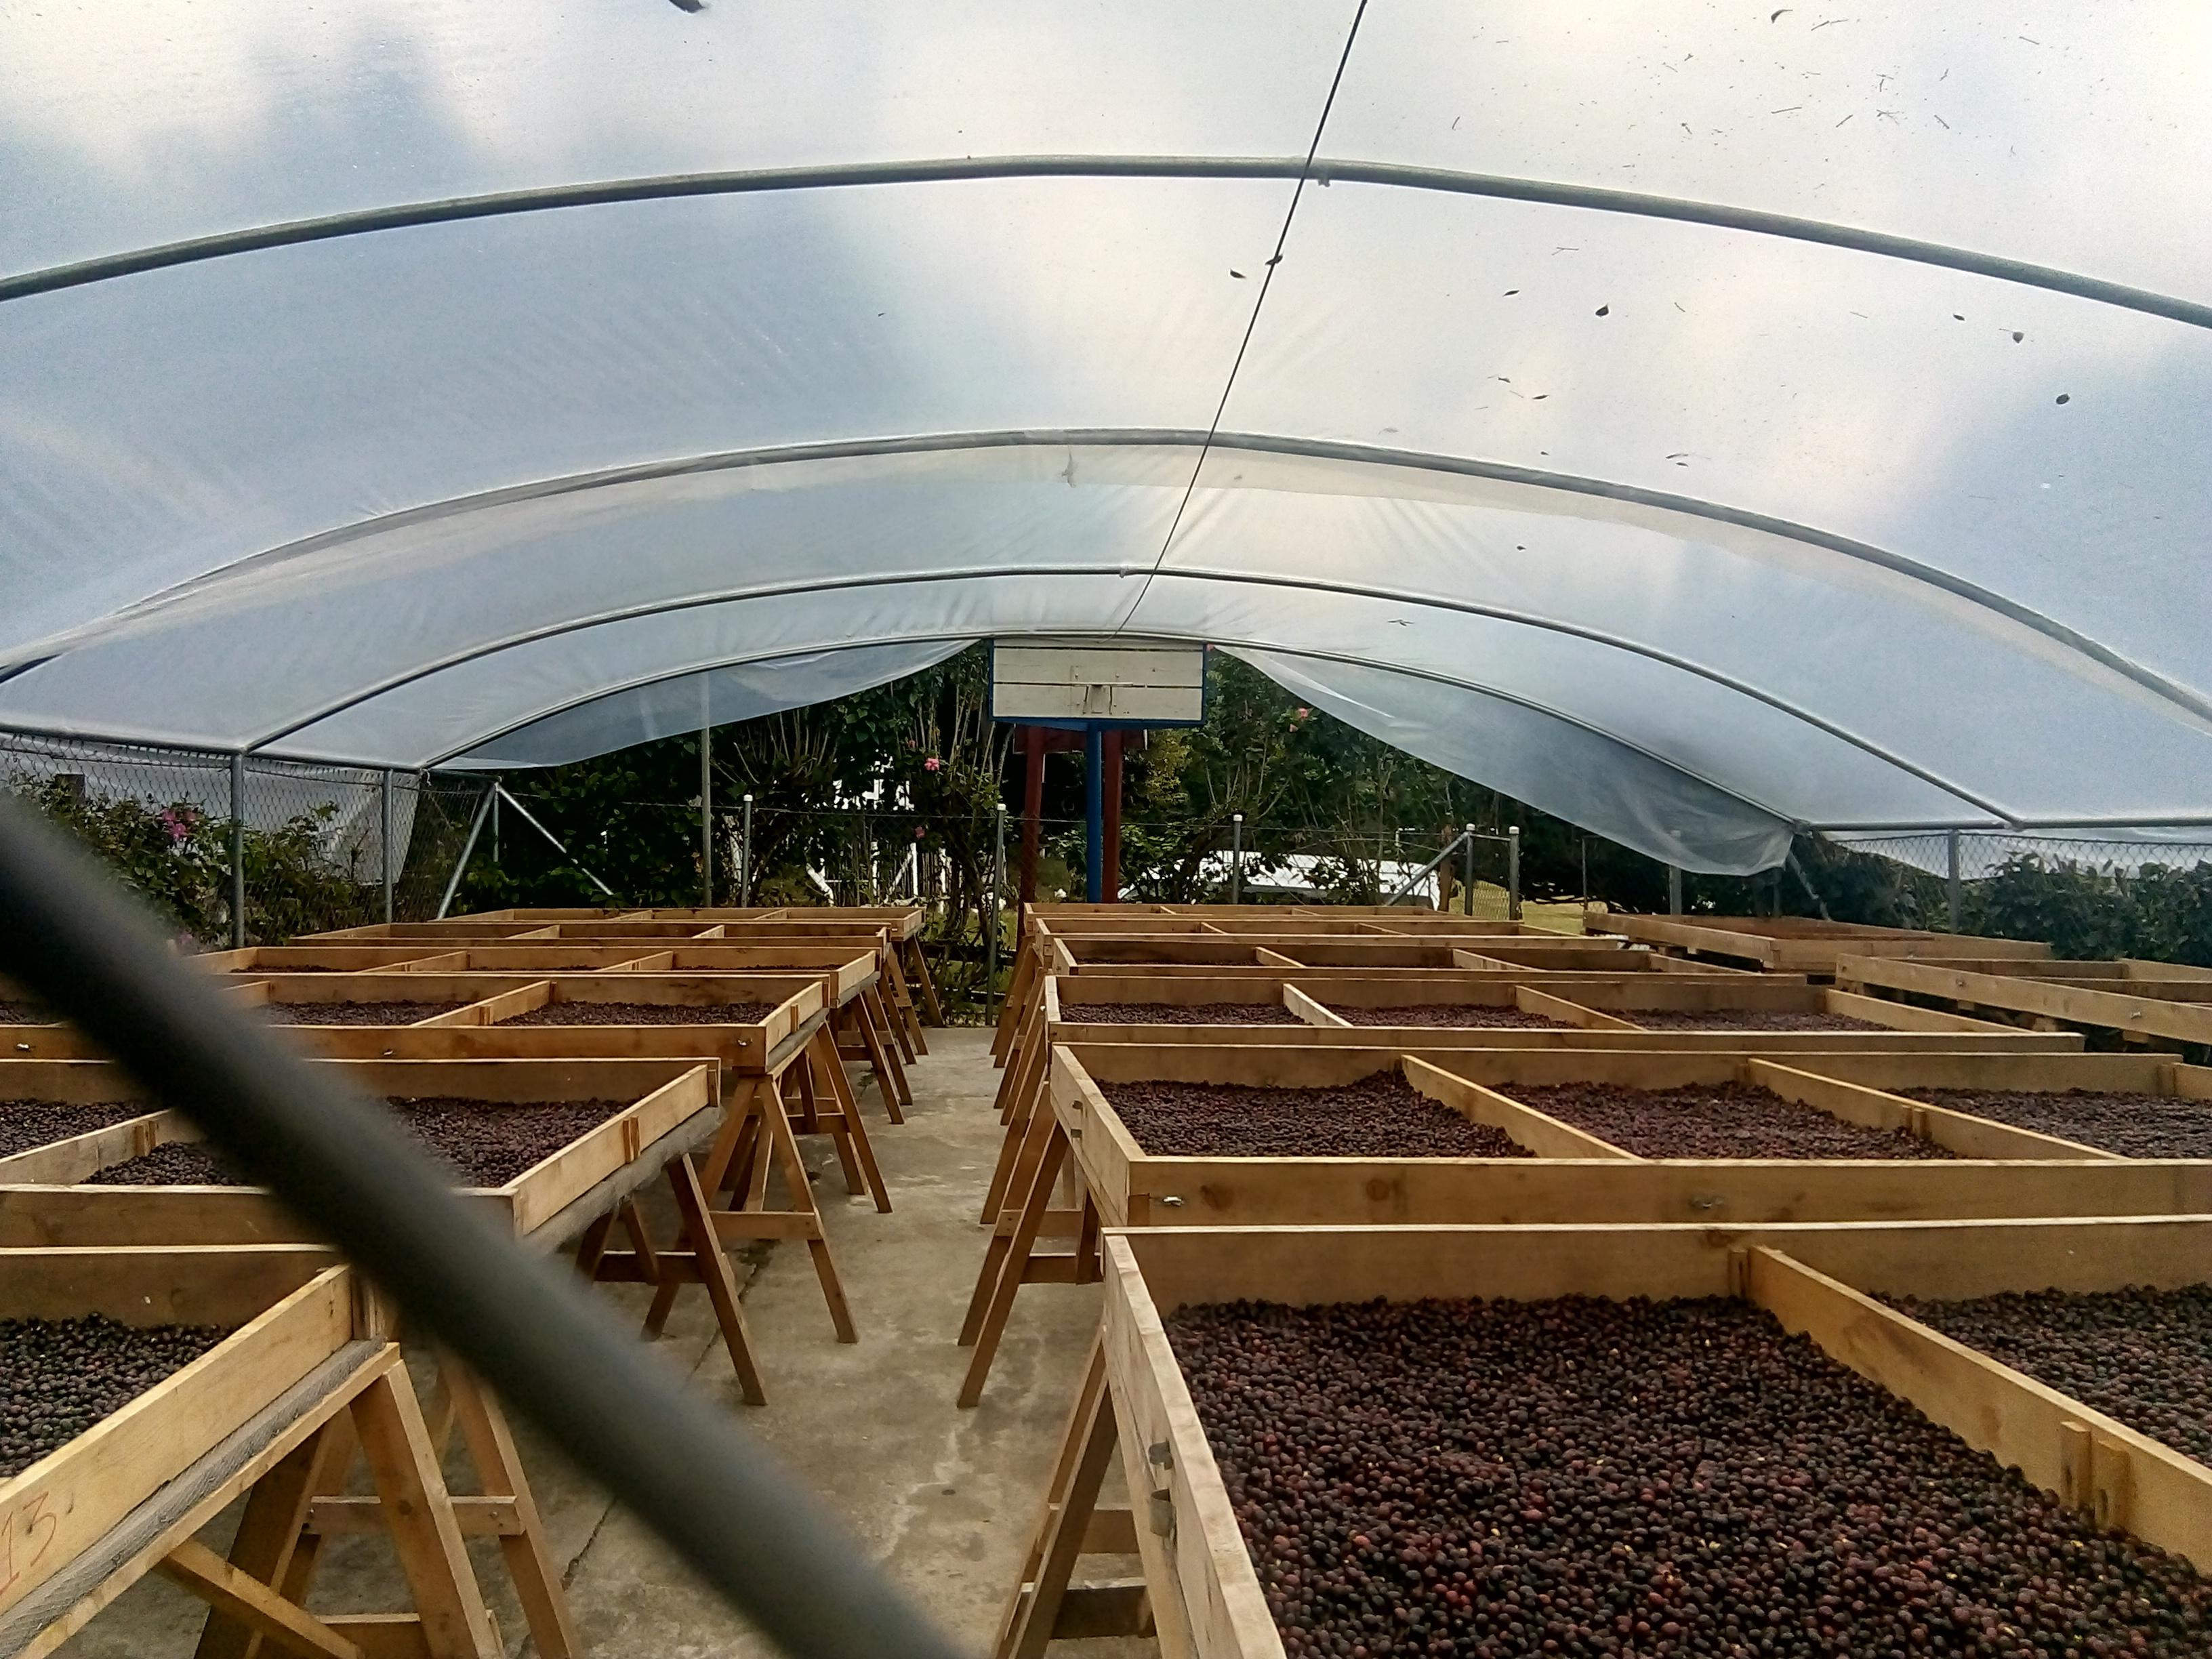 Secado de café en invernadero con techo curvo